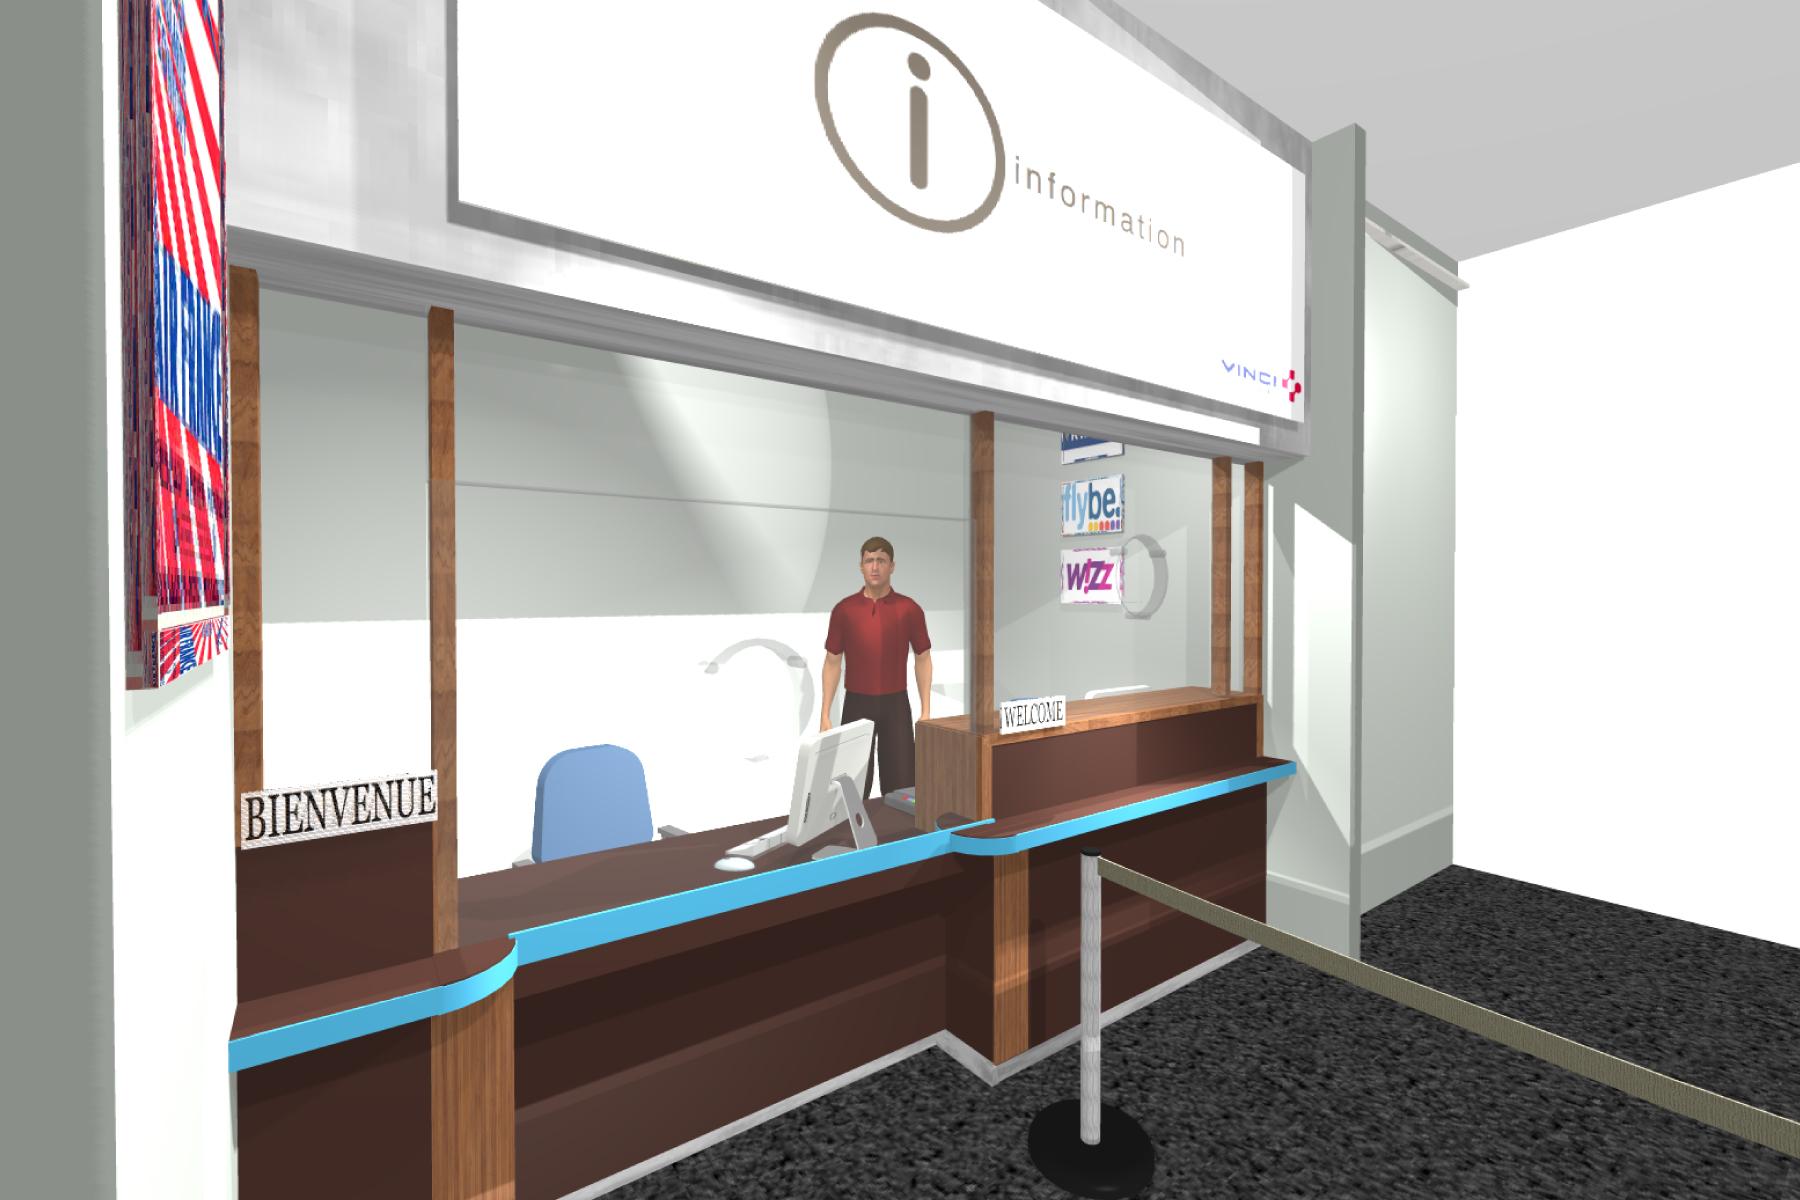 Aéroport Grenoble-Isère - Accueil / Réception / Devanture